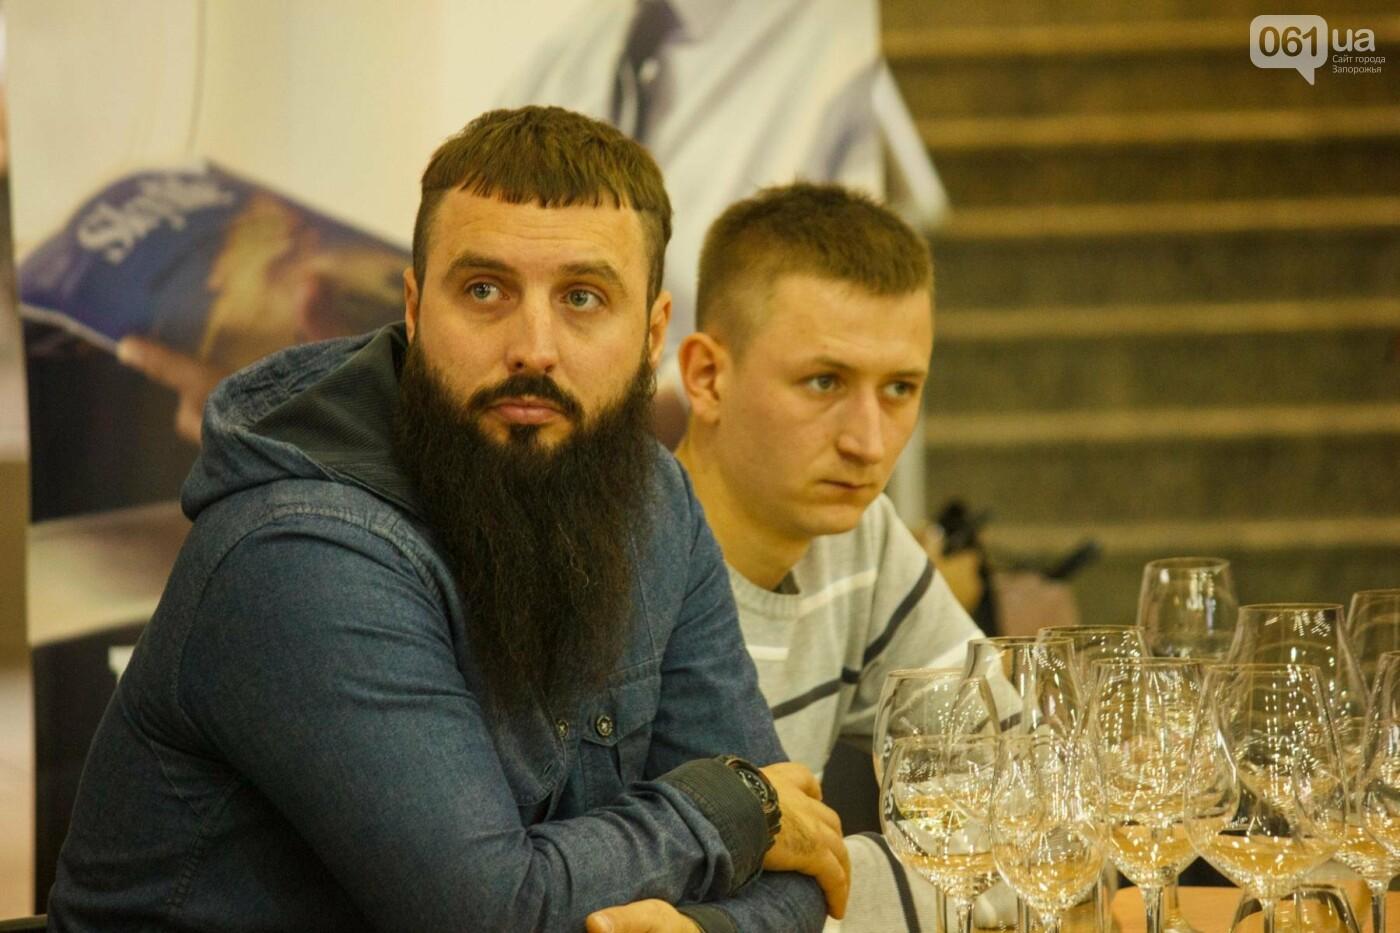 Шеф-повара запорожских ресторанов провели мастер-класс для горожан: как это было, - ФОТОРЕПОРТАЖ, фото-59